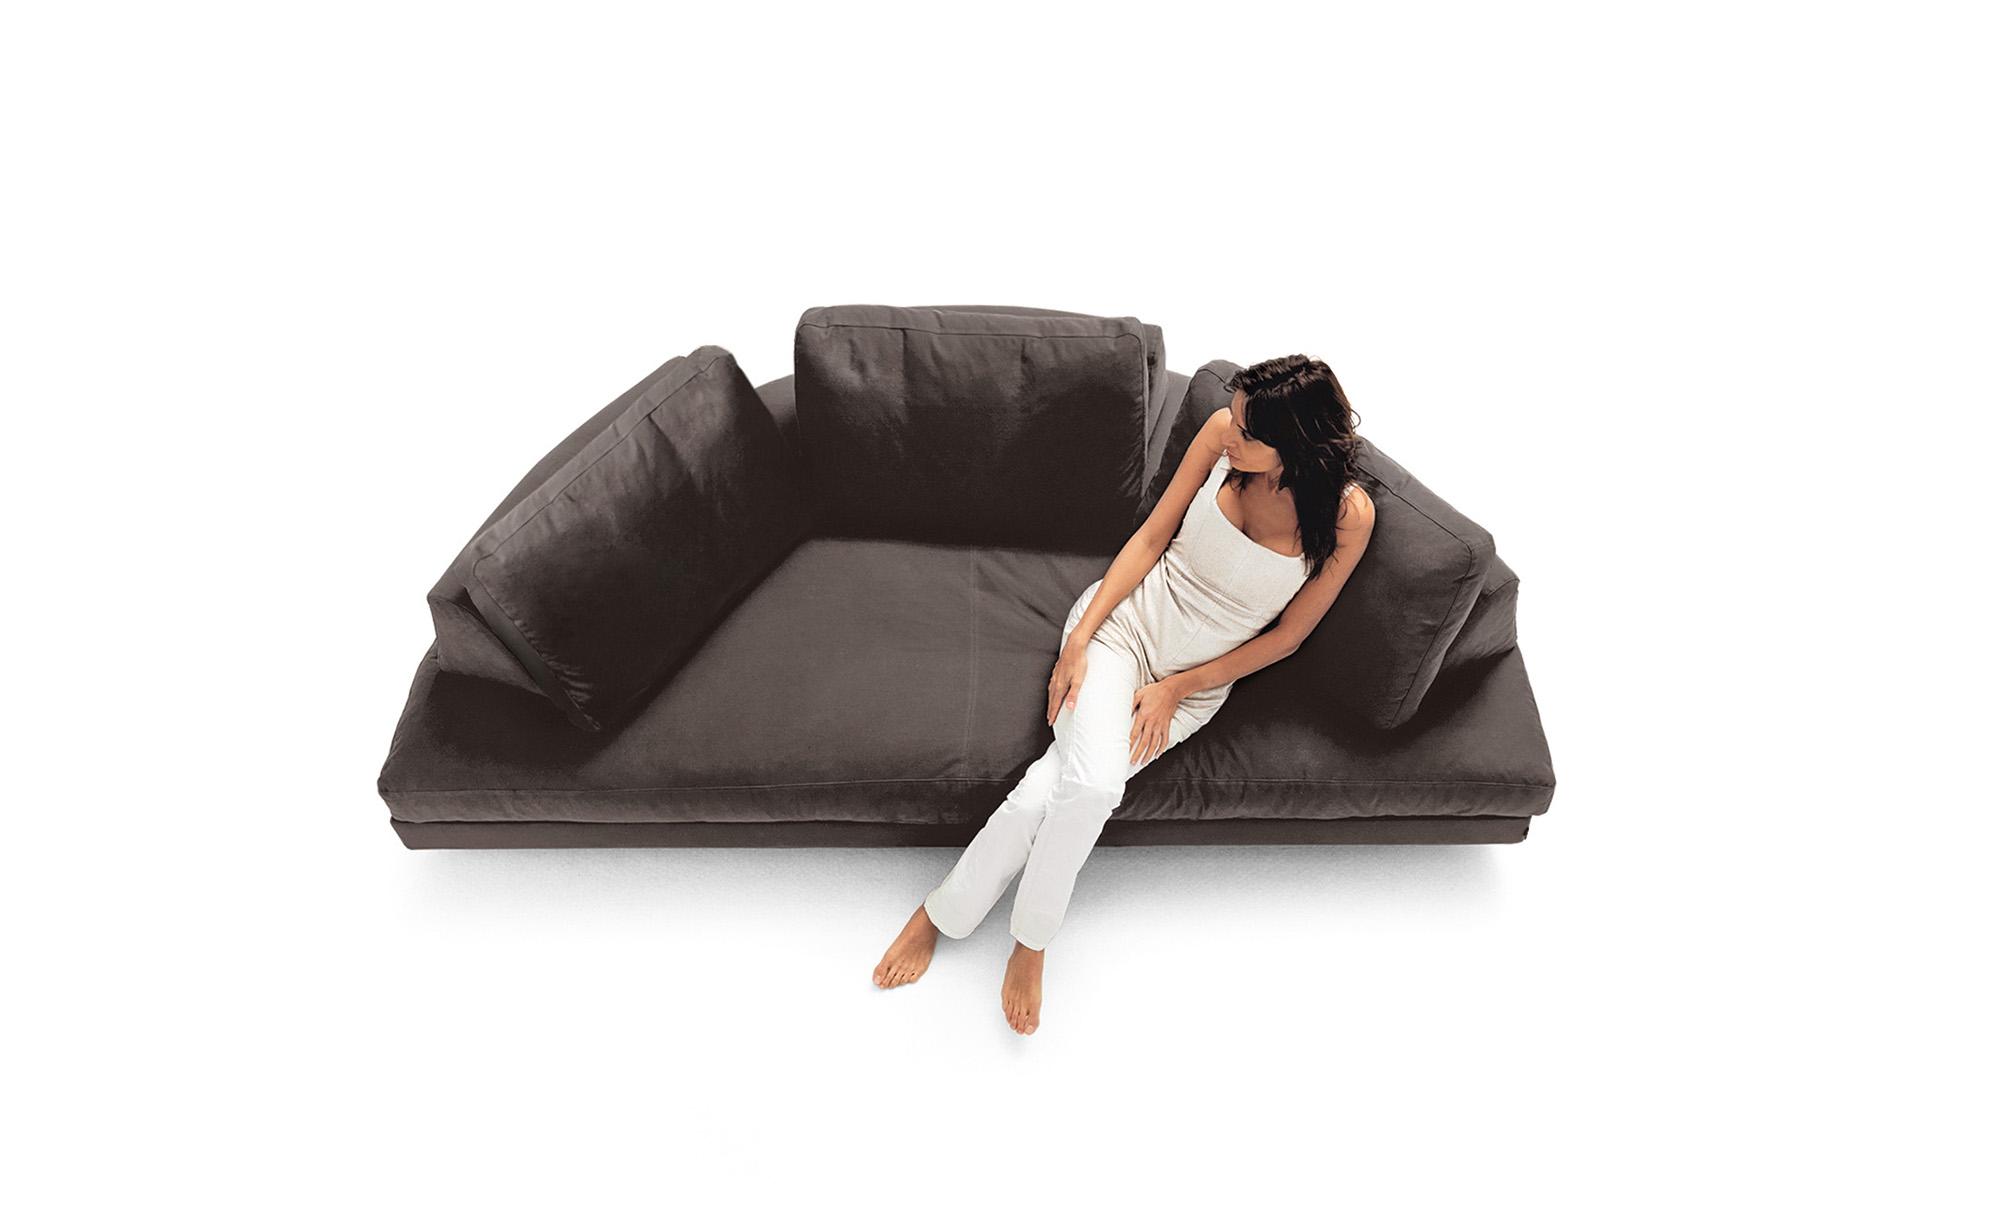 Divano componibile fly modelli 3d dema - Altezza schienale divano ...